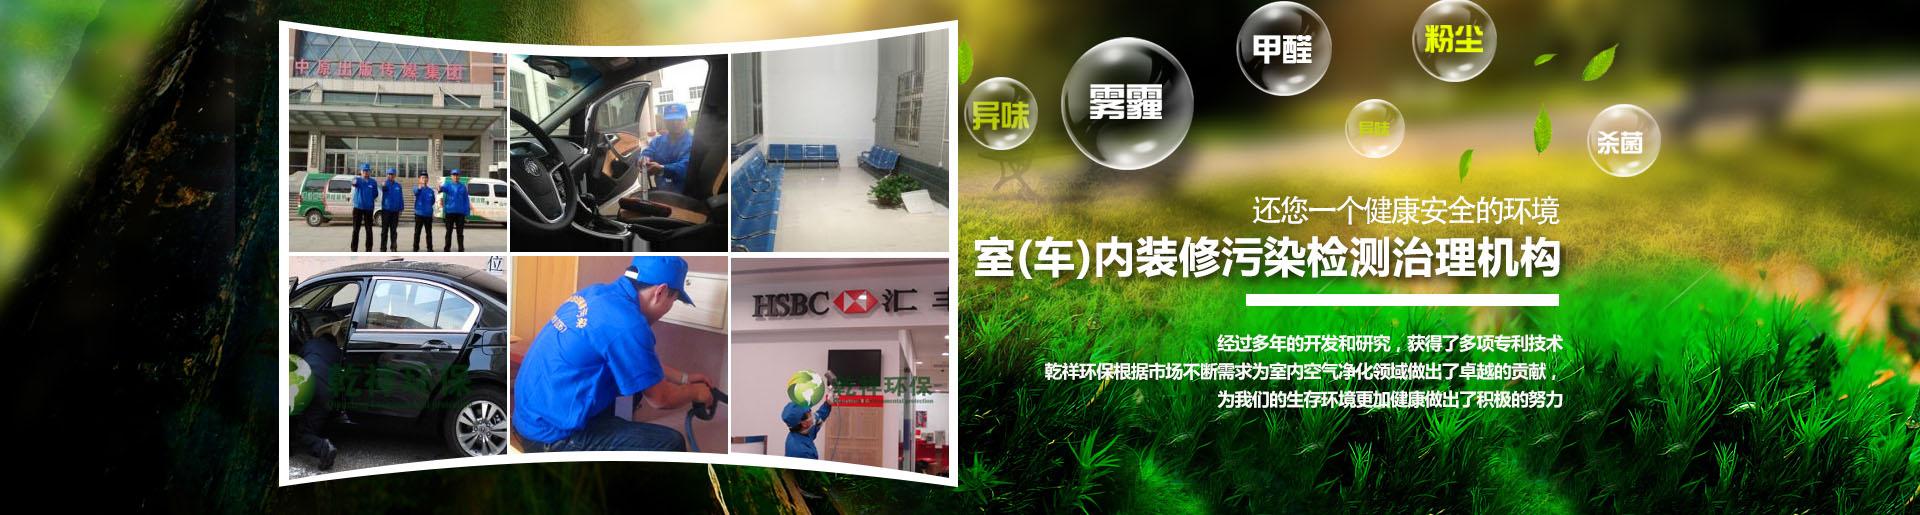 乐虎app下载乐虎直播苹果官方版环保技术有限公司